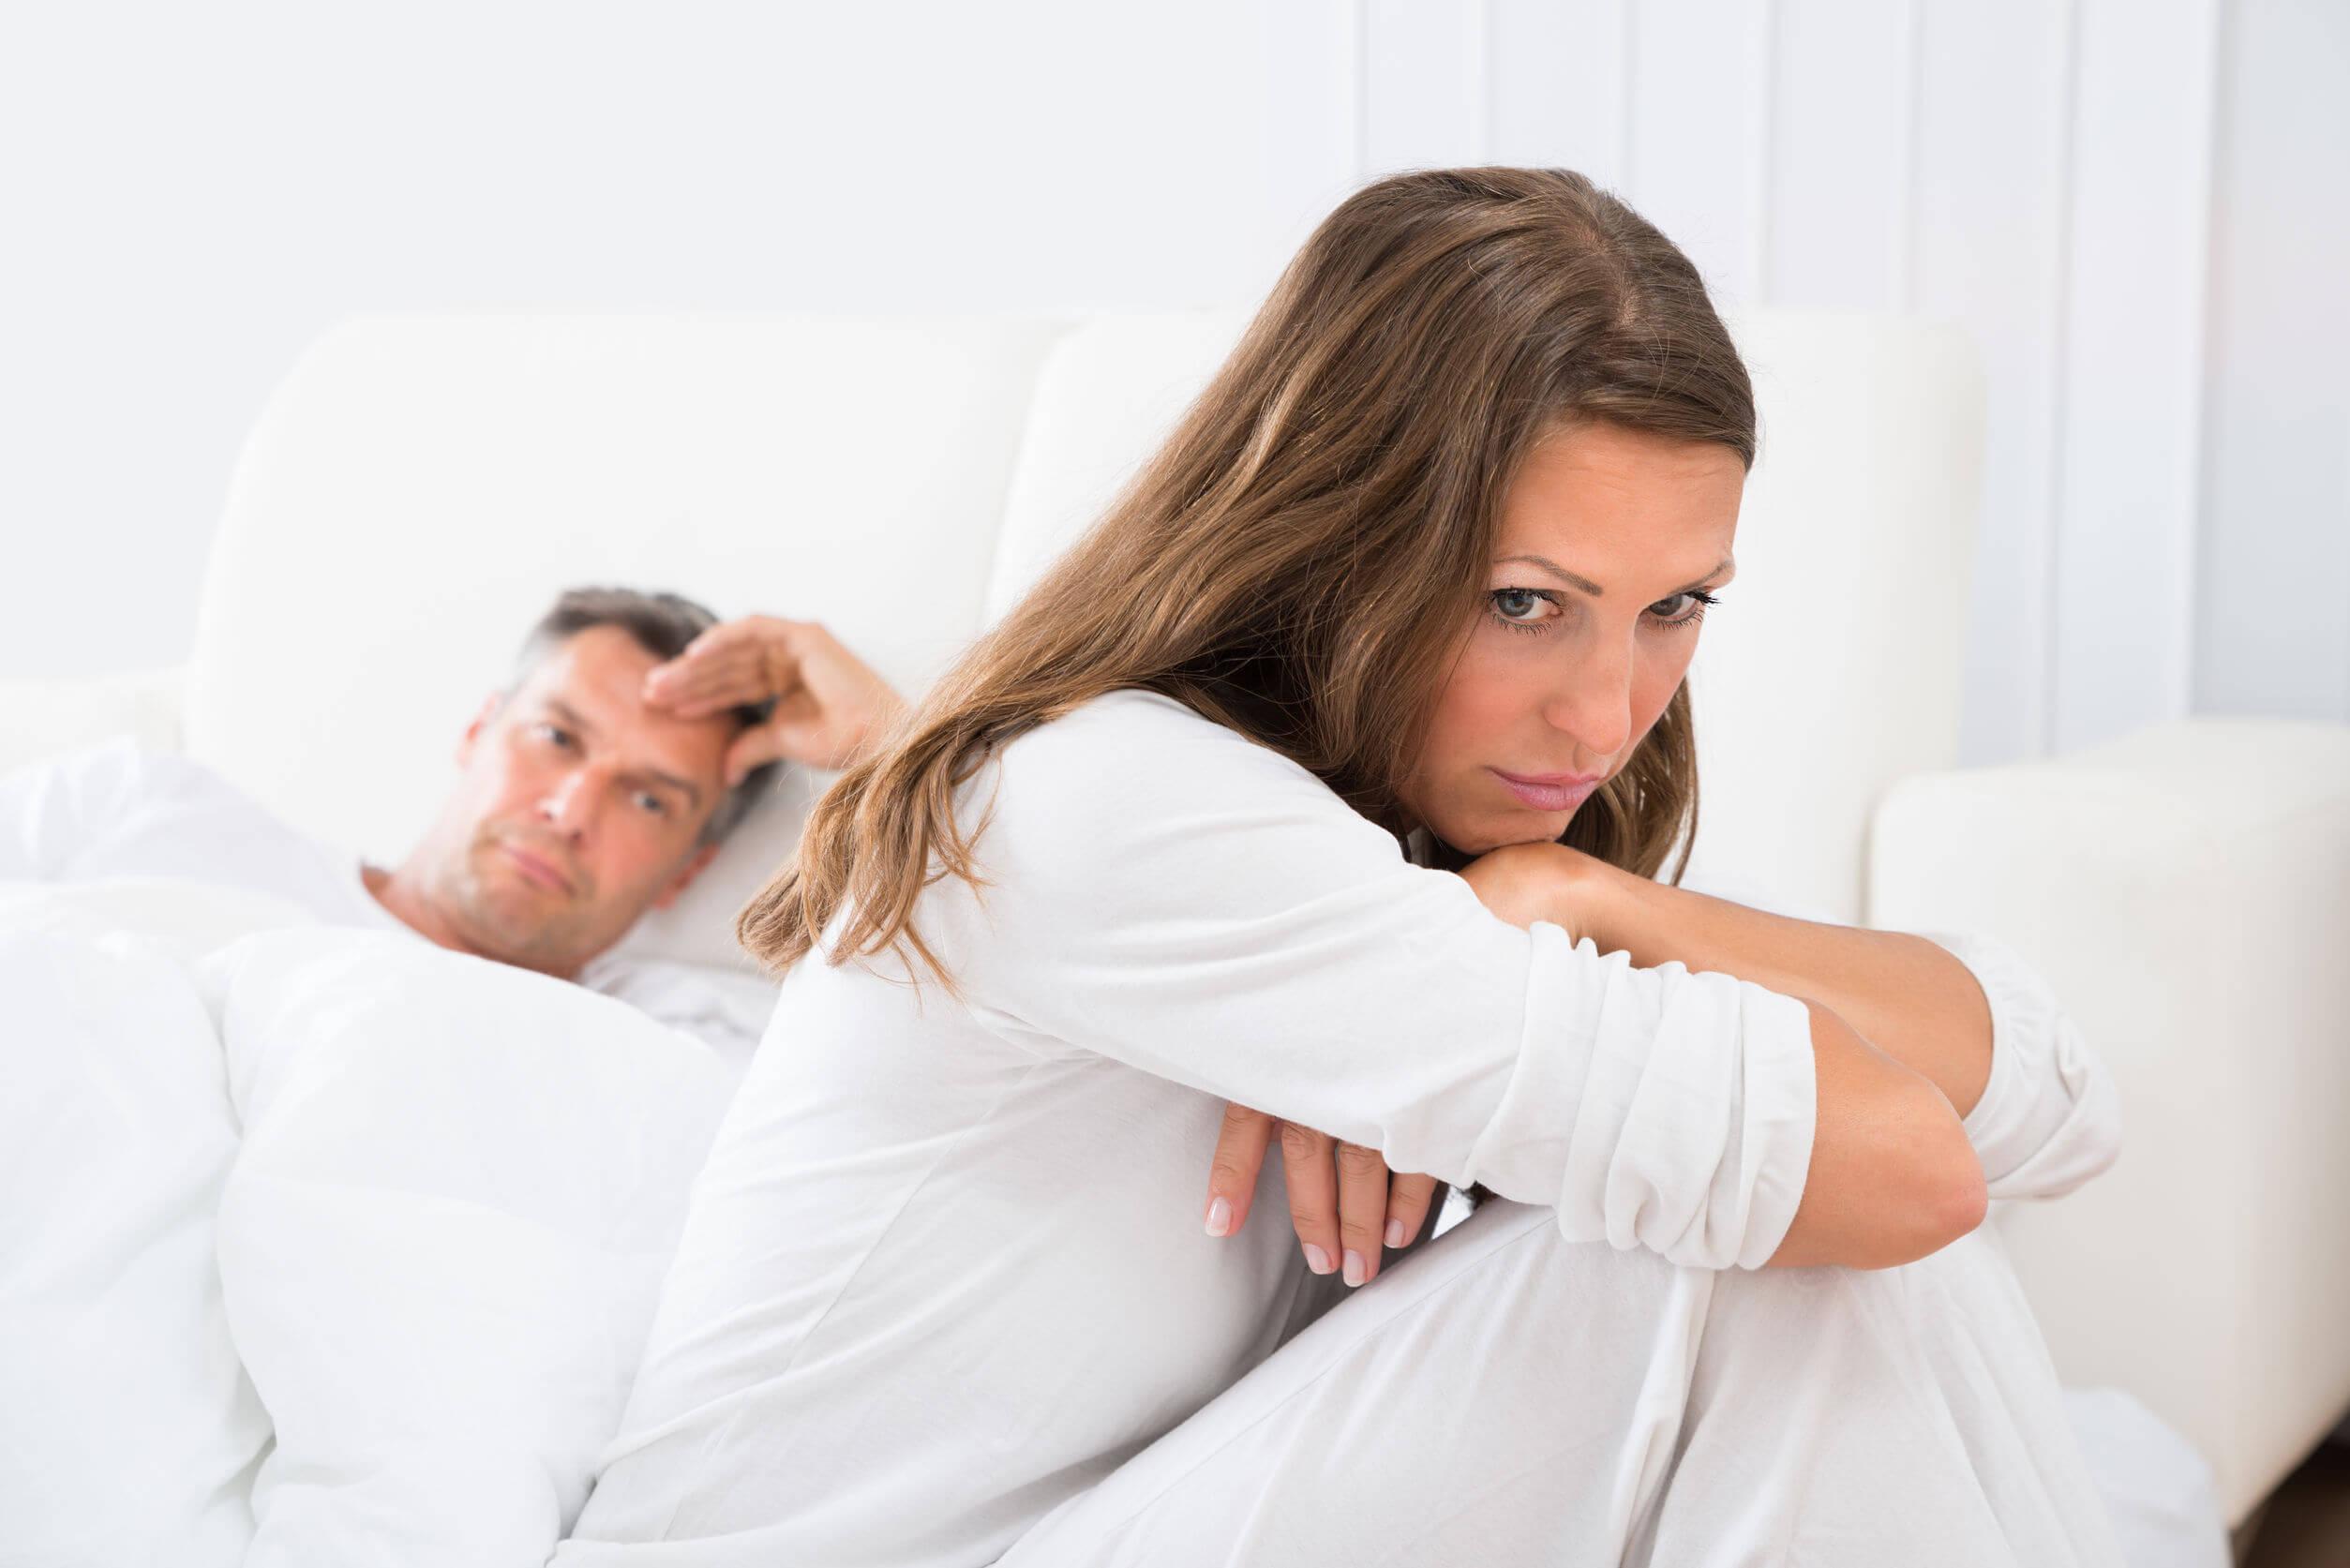 Cuando el acoso sexual comparte cama